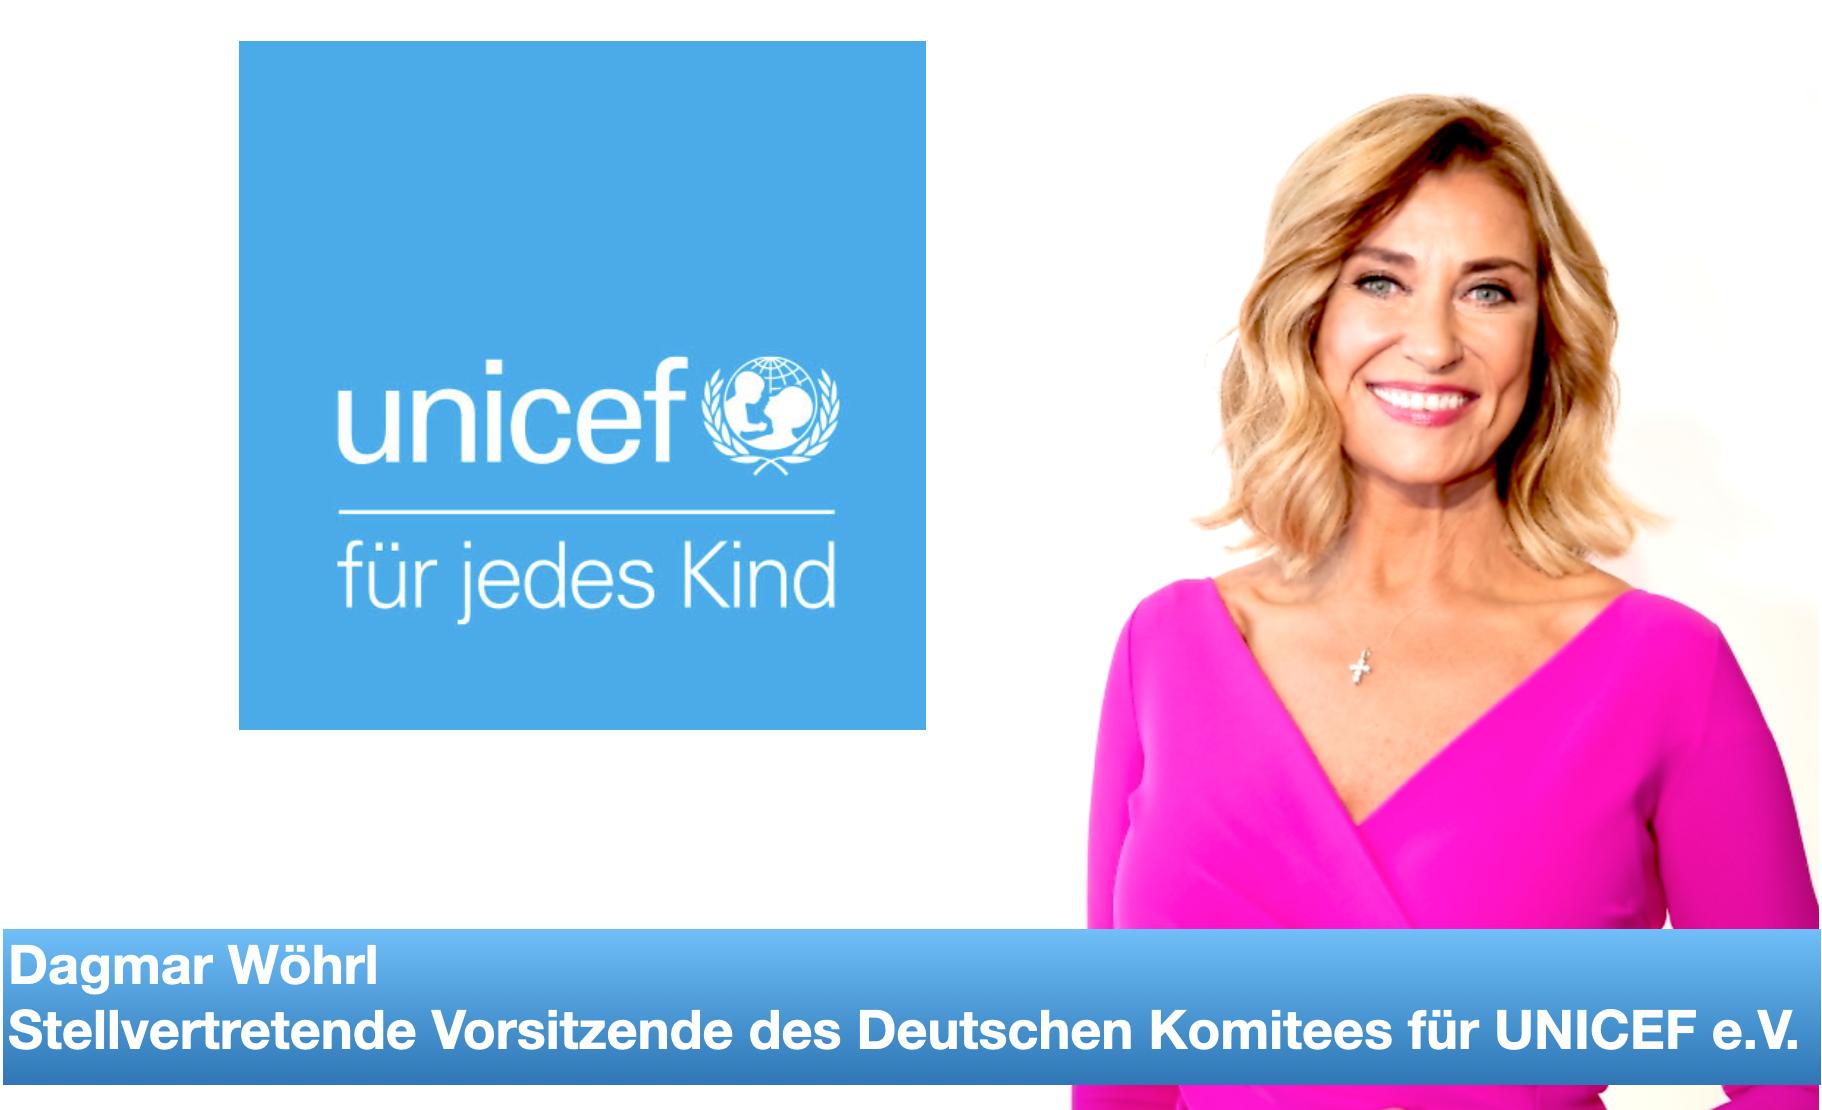 UNICEF Deutschland Geschäftsbericht 2019, Pressemitteilung zum ehrenamtlichen Vorstand - 19.06.2020